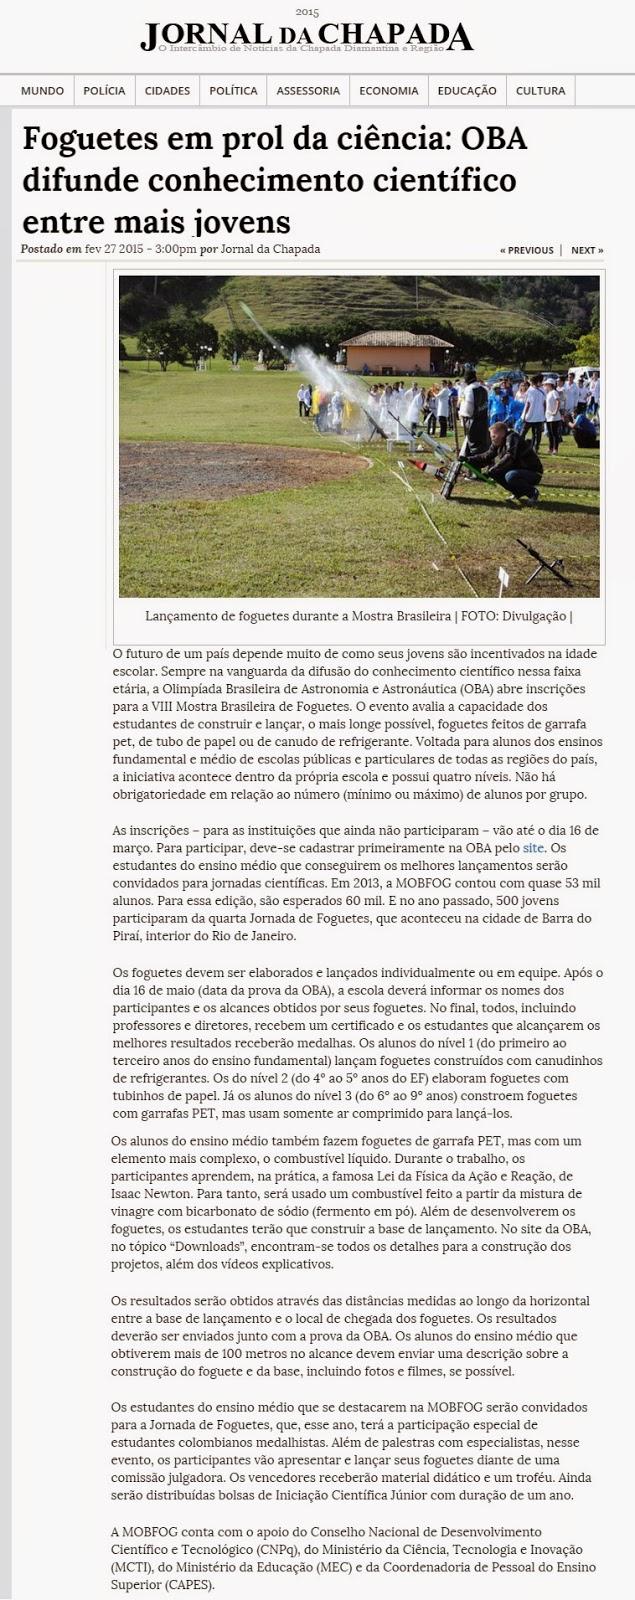 http://jornaldachapada.com.br/2015/02/27/foguetes-em-prol-da-ciencia-oba-difunde-conhecimento-cientifico-entre-mais-jovens/